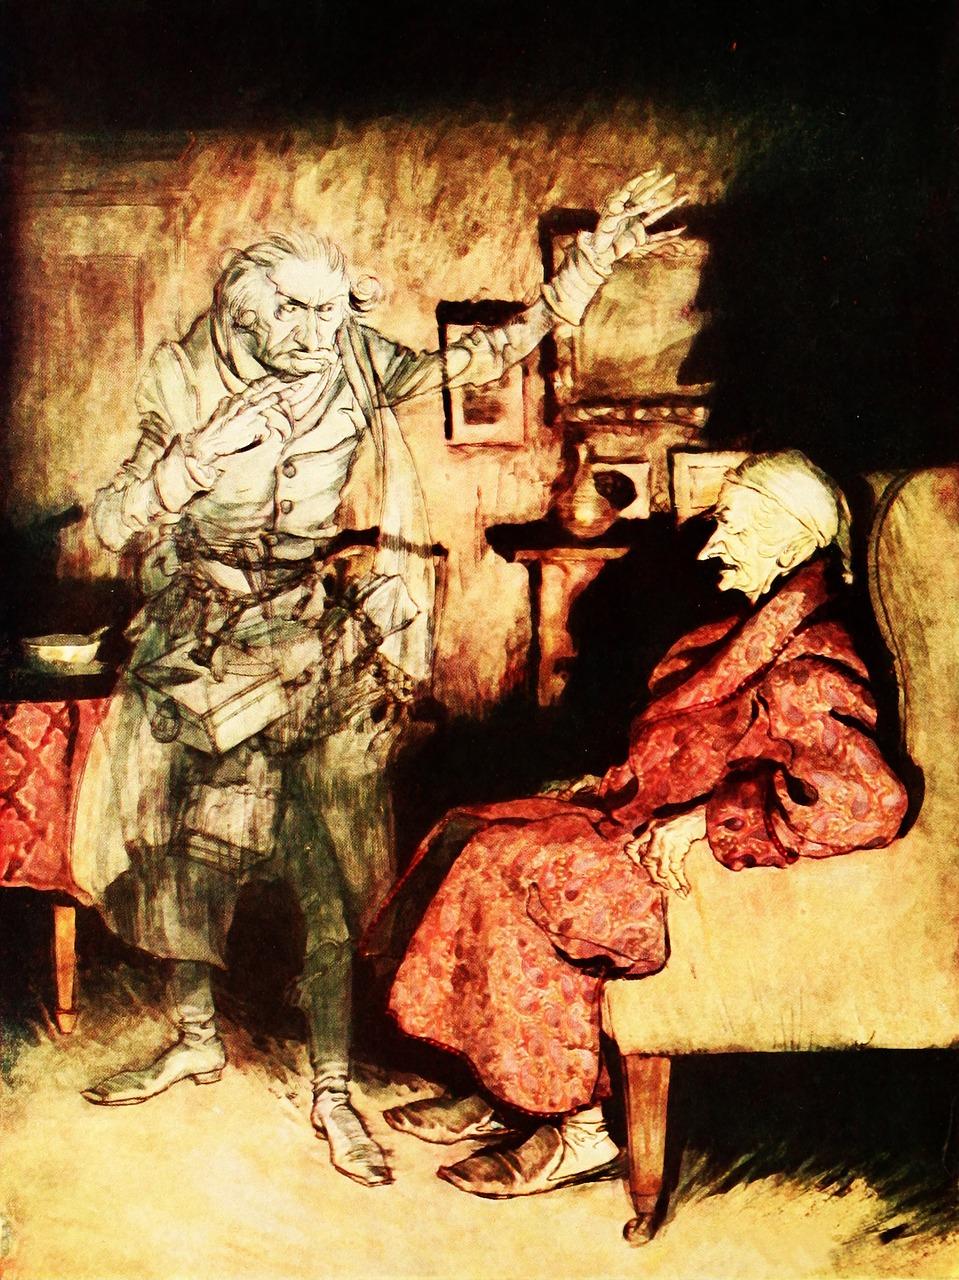 Scrooge meets Morley's ghost